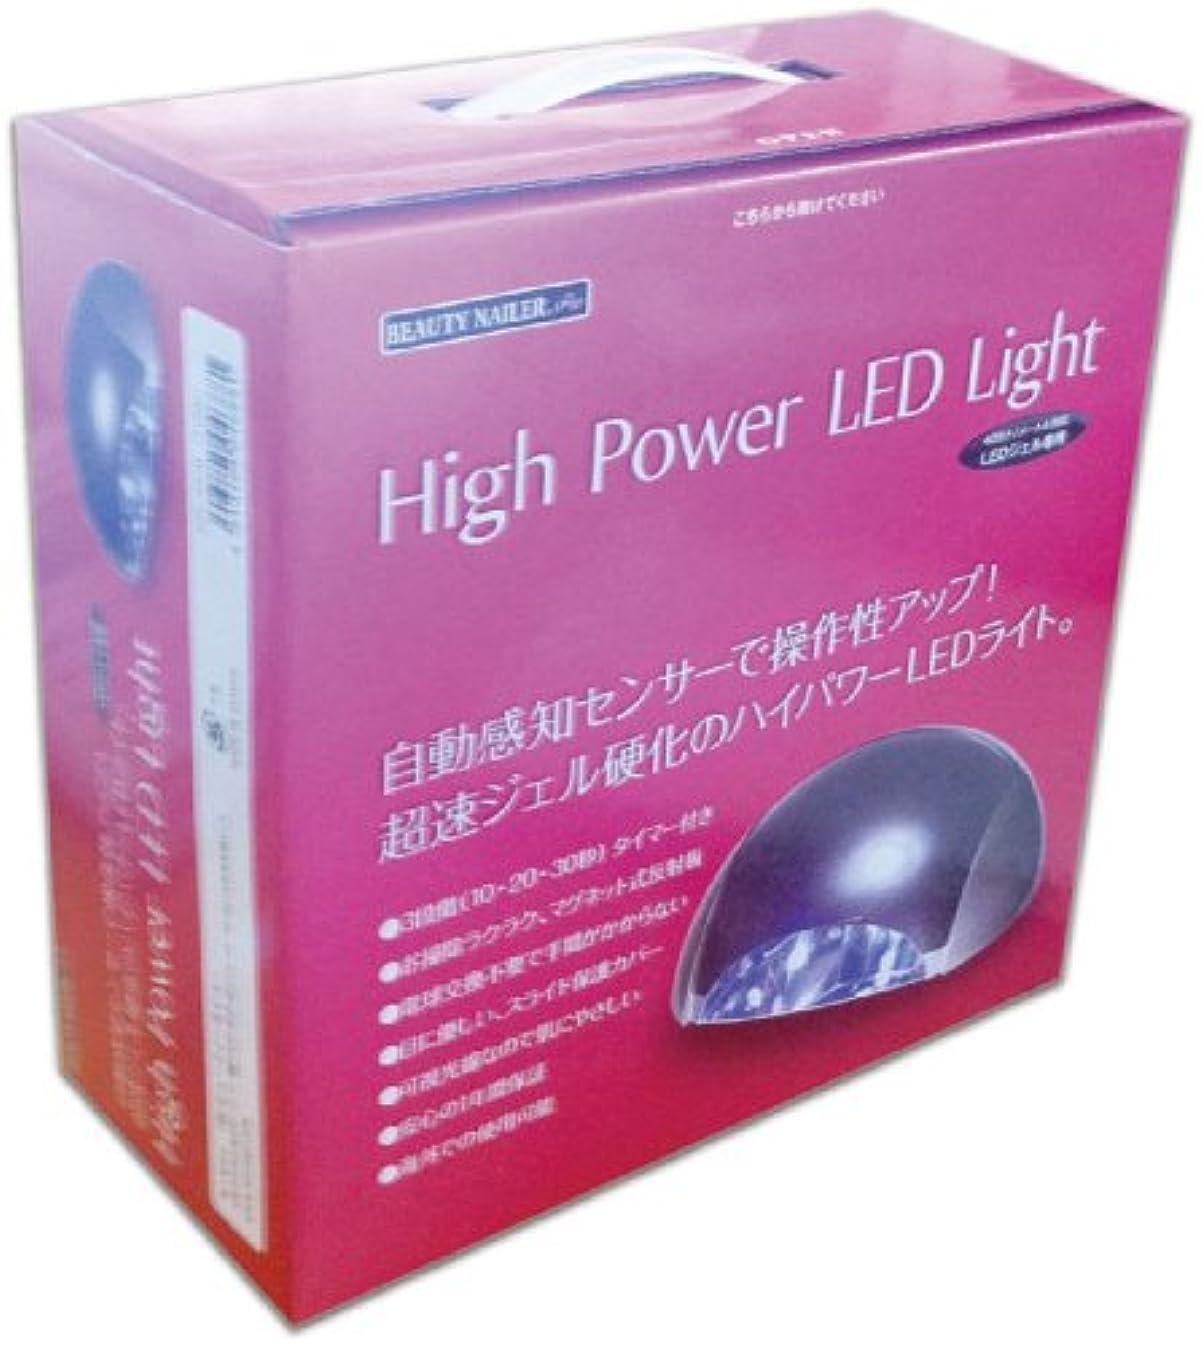 拡大する創造広げるビューティーネイラー ハイパワーLEDライト HPL-40GB パールブラック